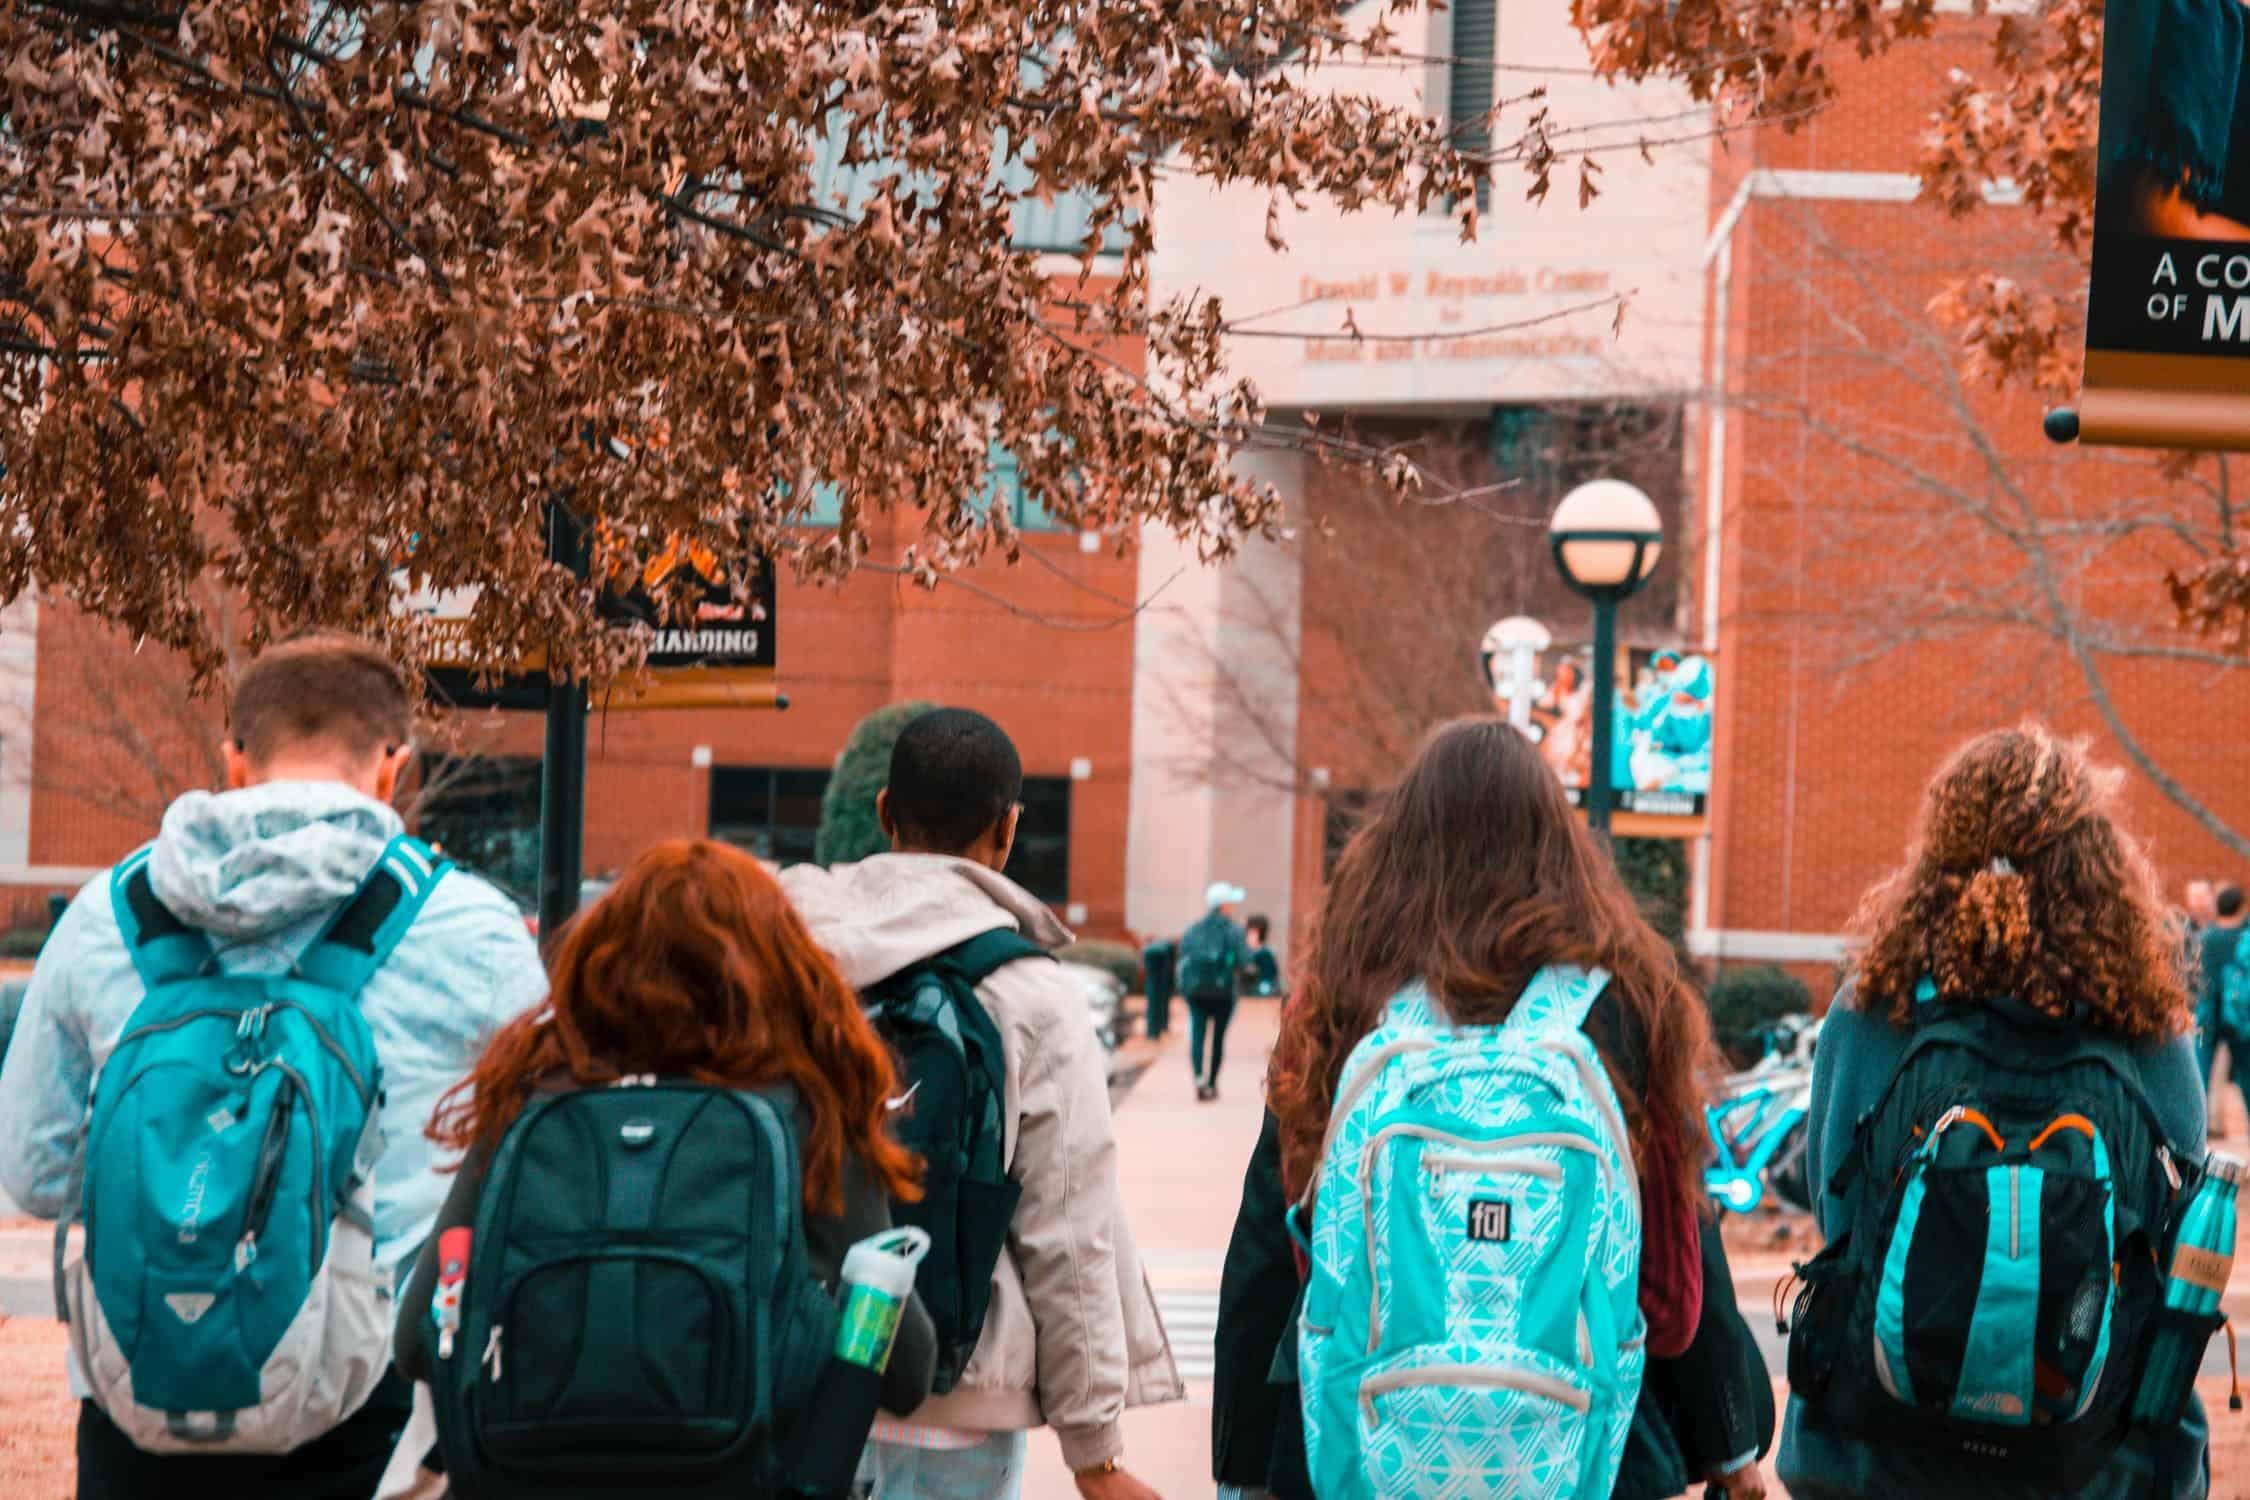 studentsinbackpacks